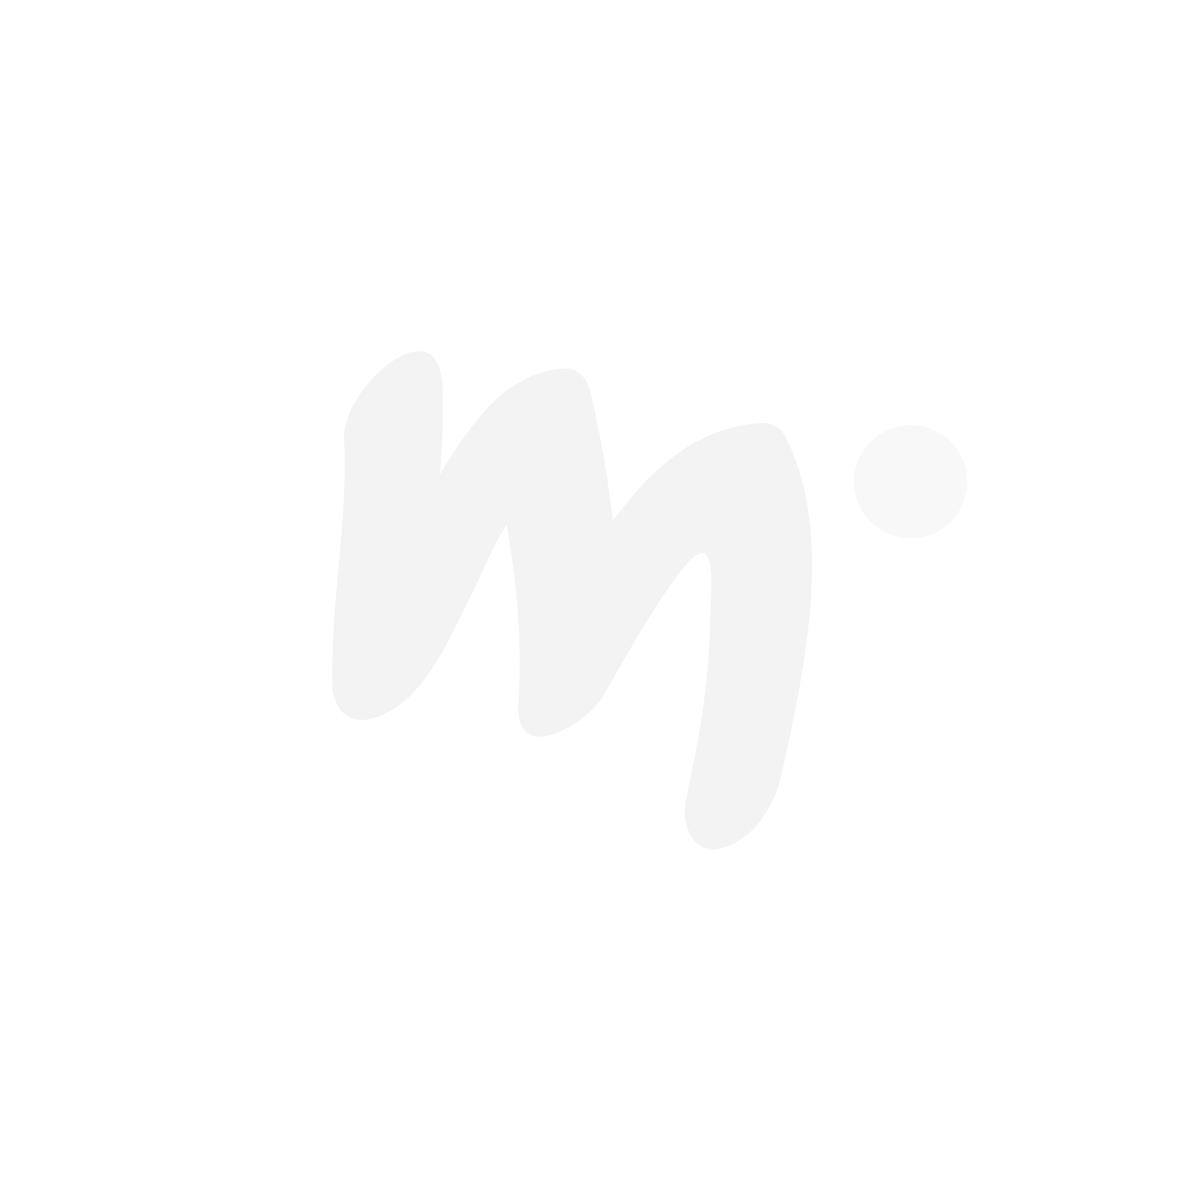 Peppi Pitkätossu Vinoraita-sukkahousut sininen